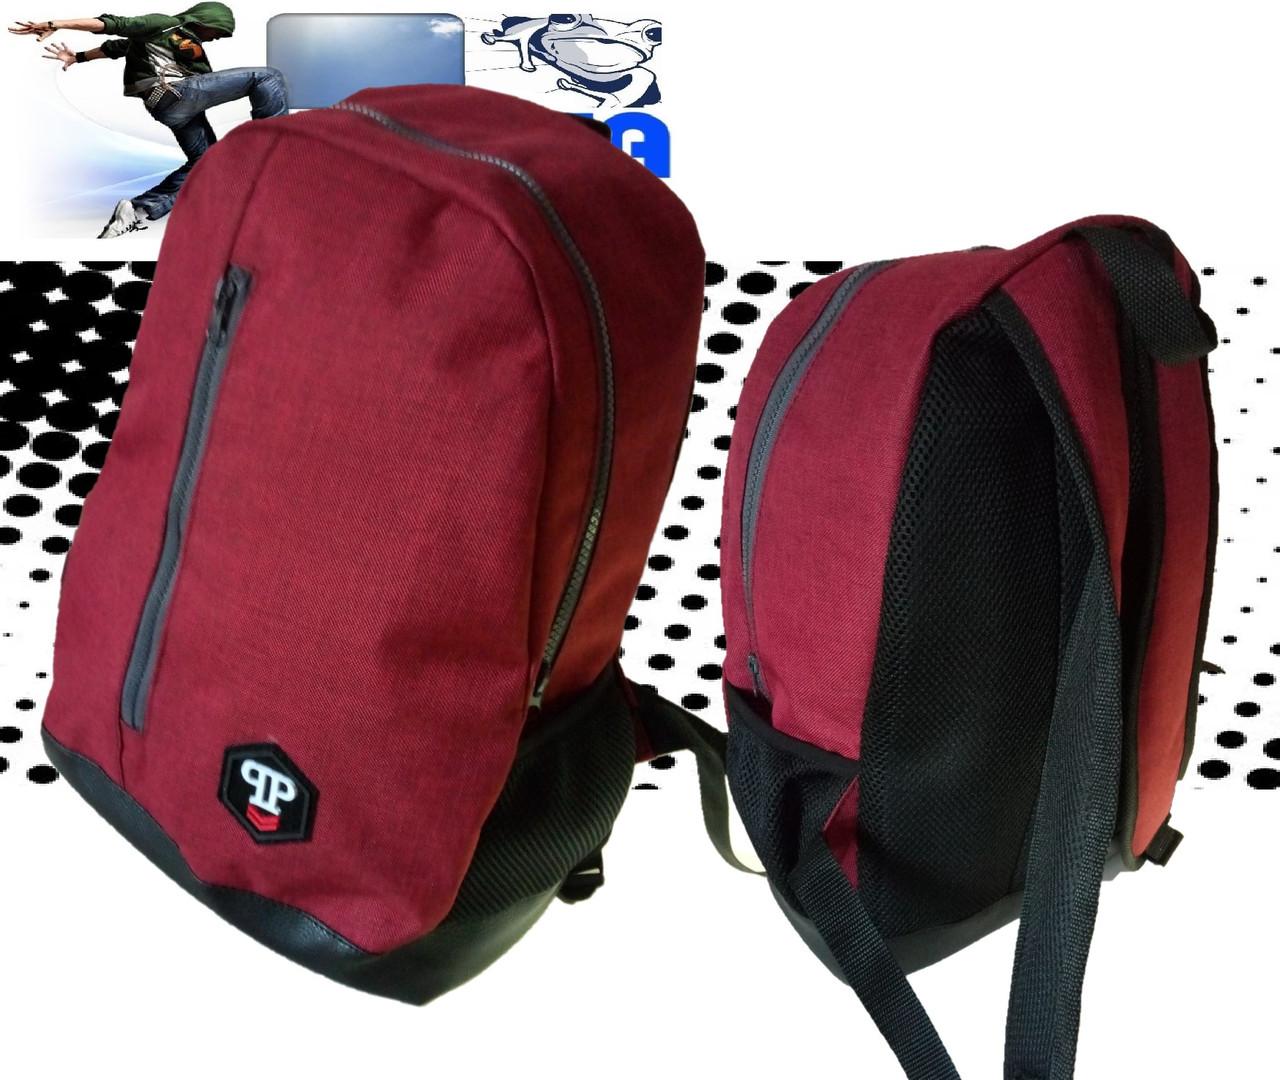 Рюкзак женский бордовый купить.Школьный рюкзак для девочки